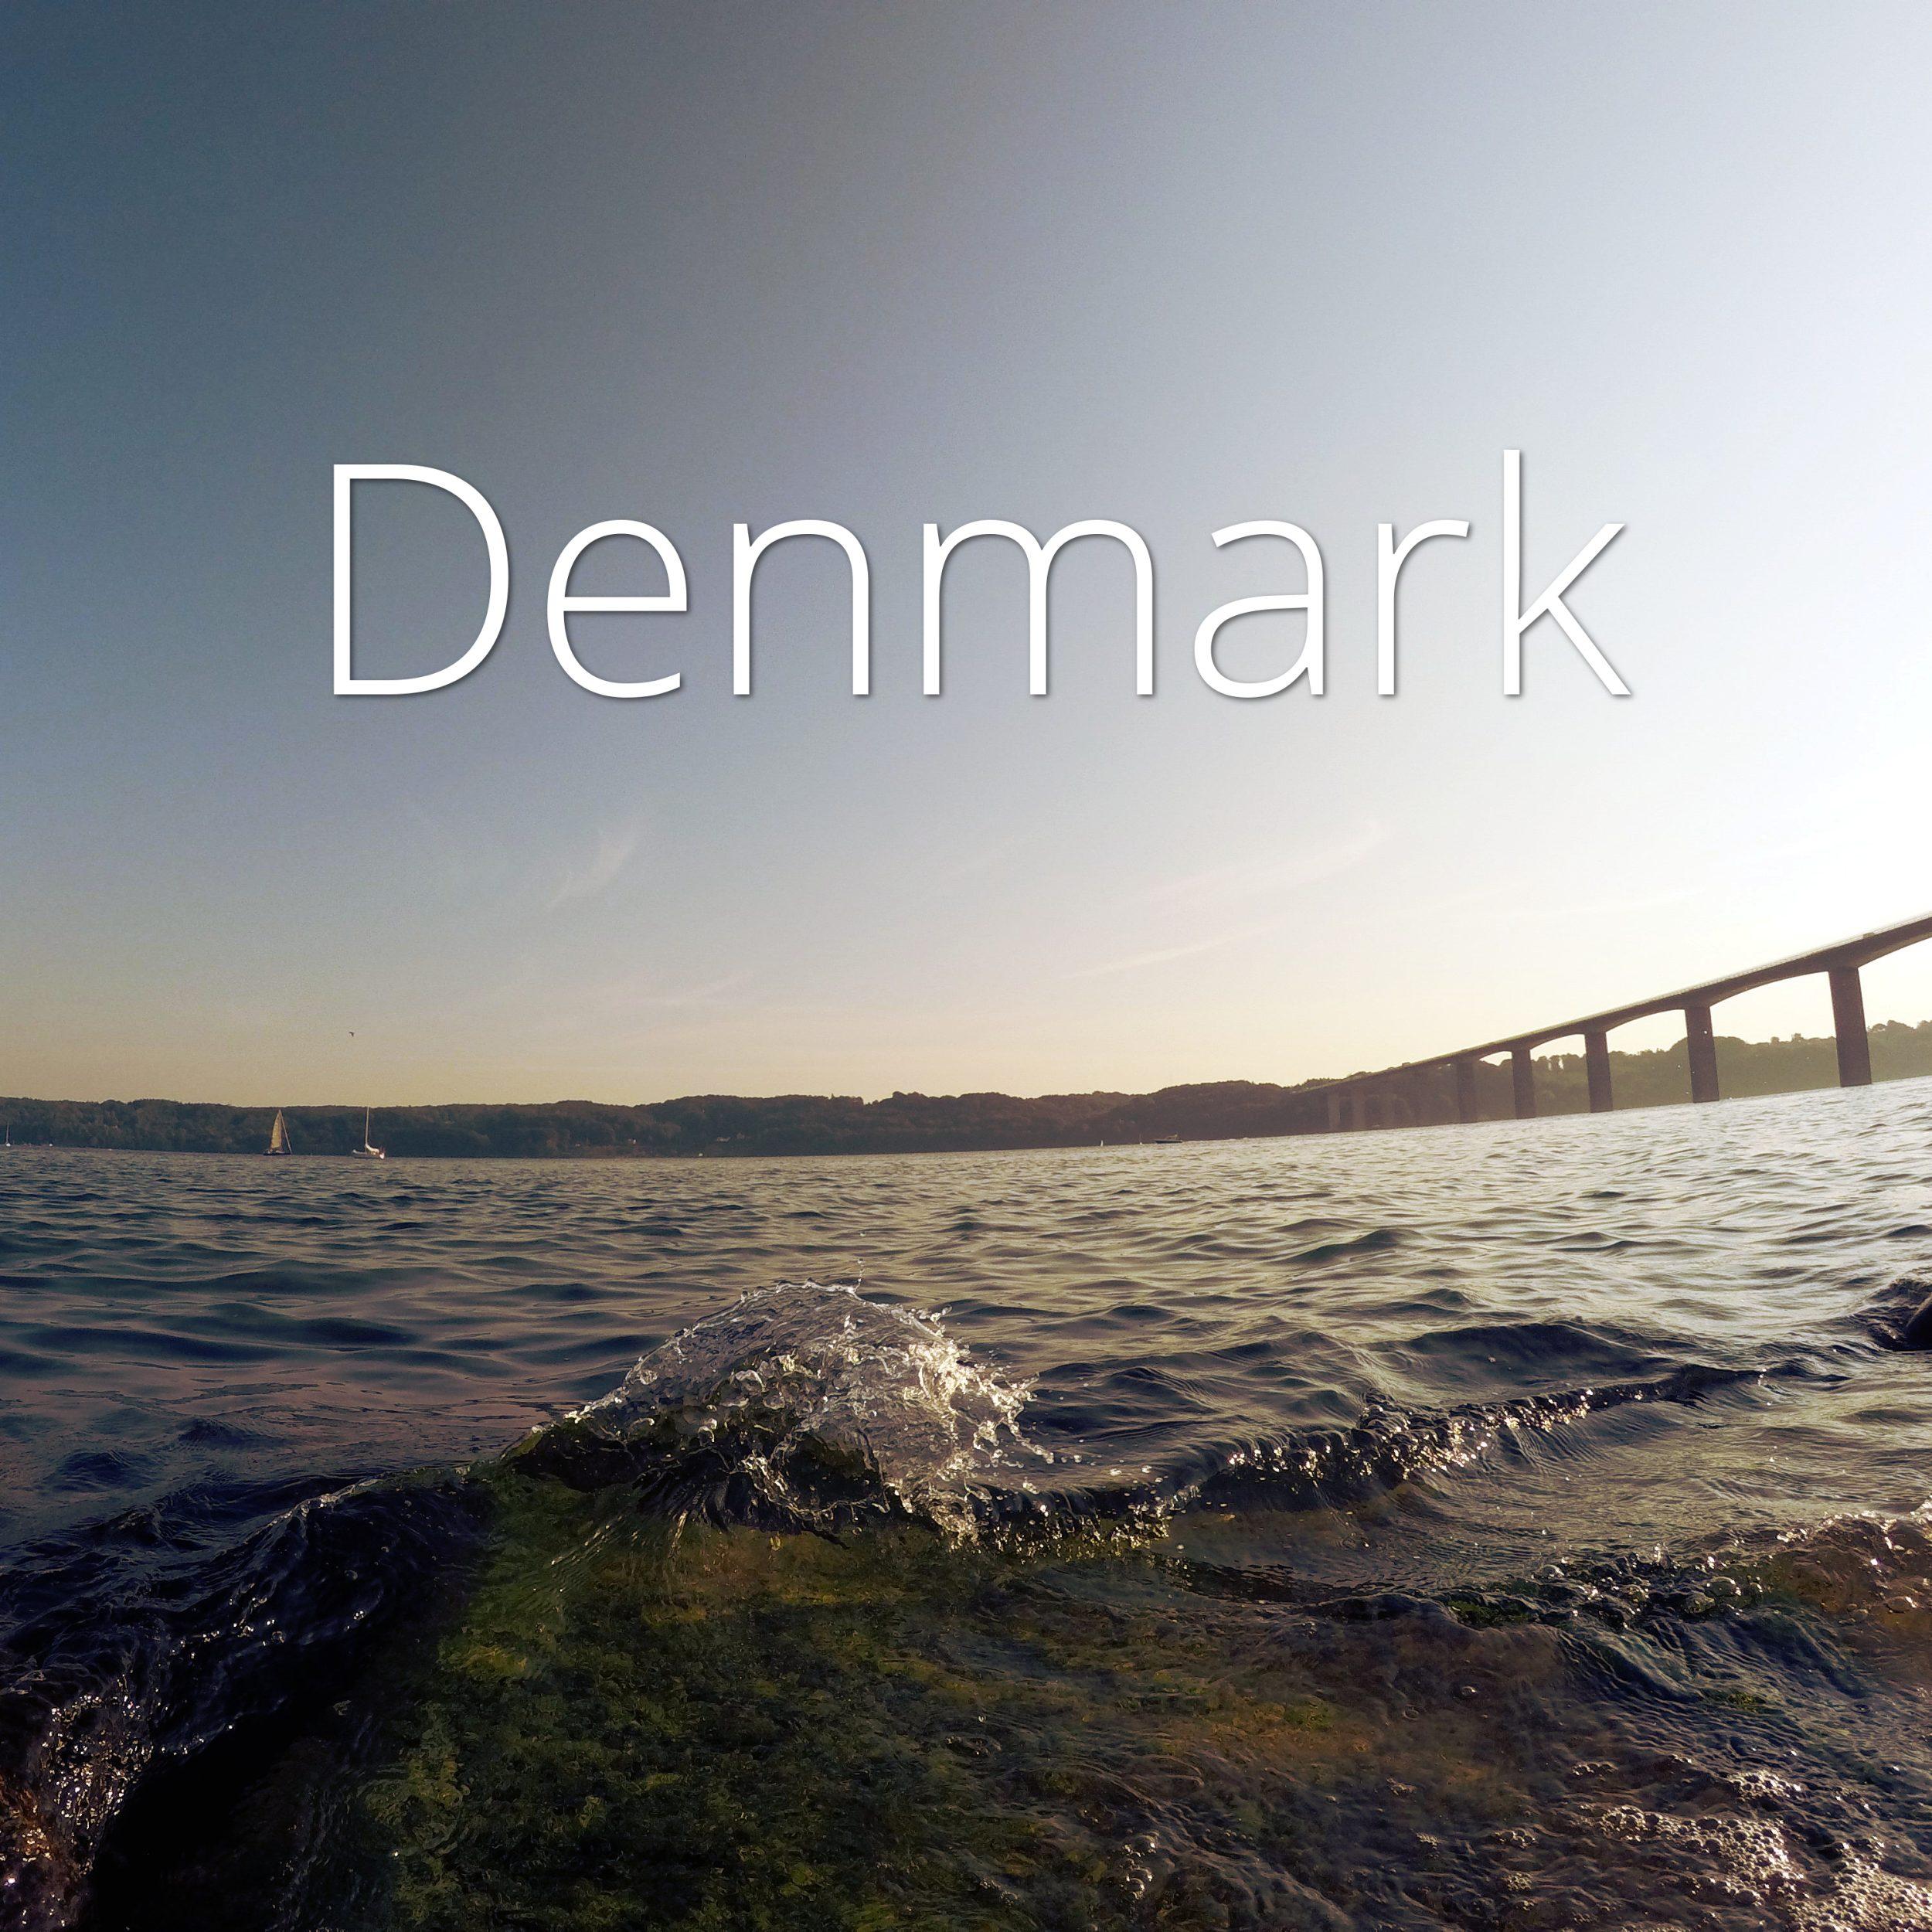 Denmark (Vejle Fjord)